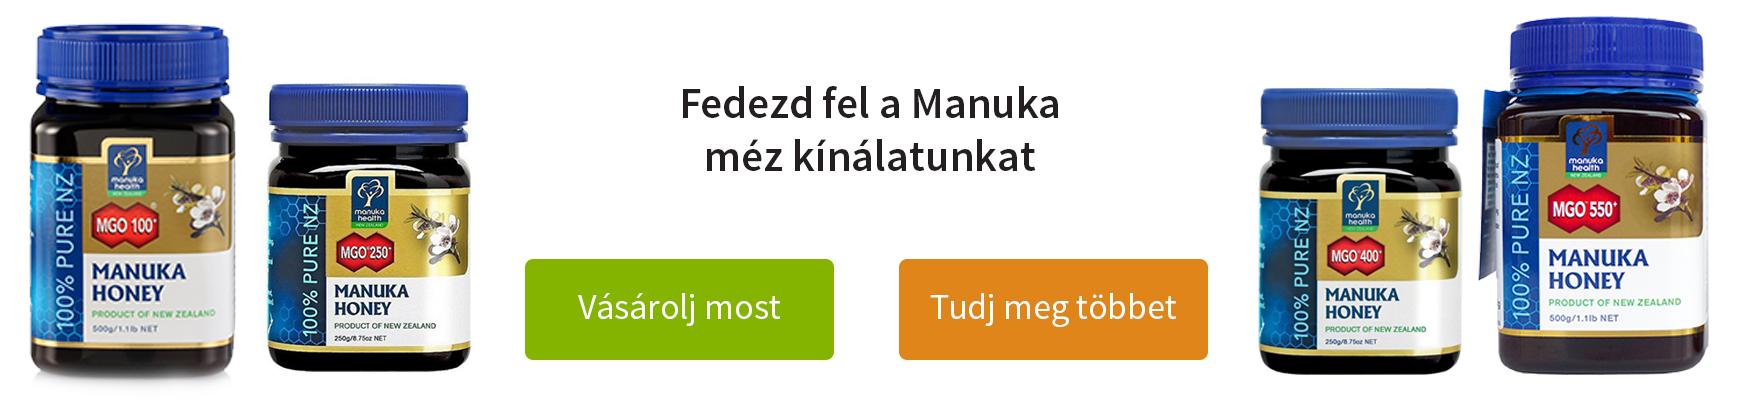 manuka-mez-apiland